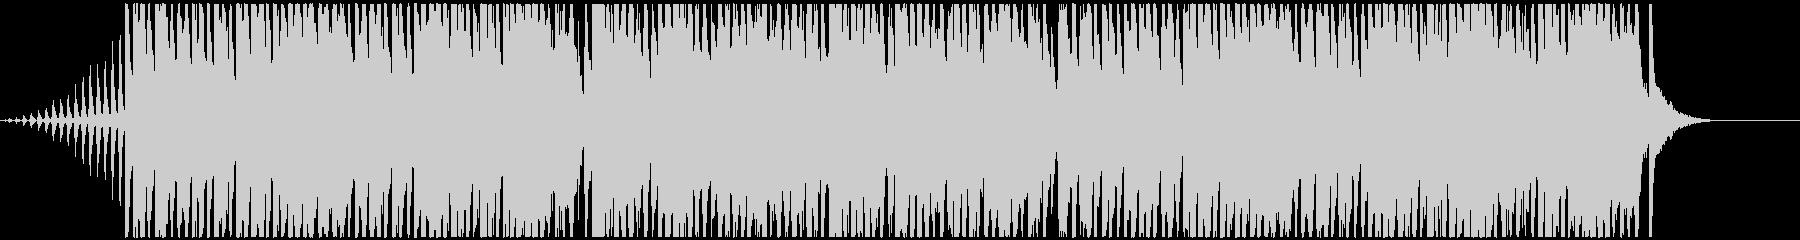 ファンタジックでキラキラしたBGMの未再生の波形